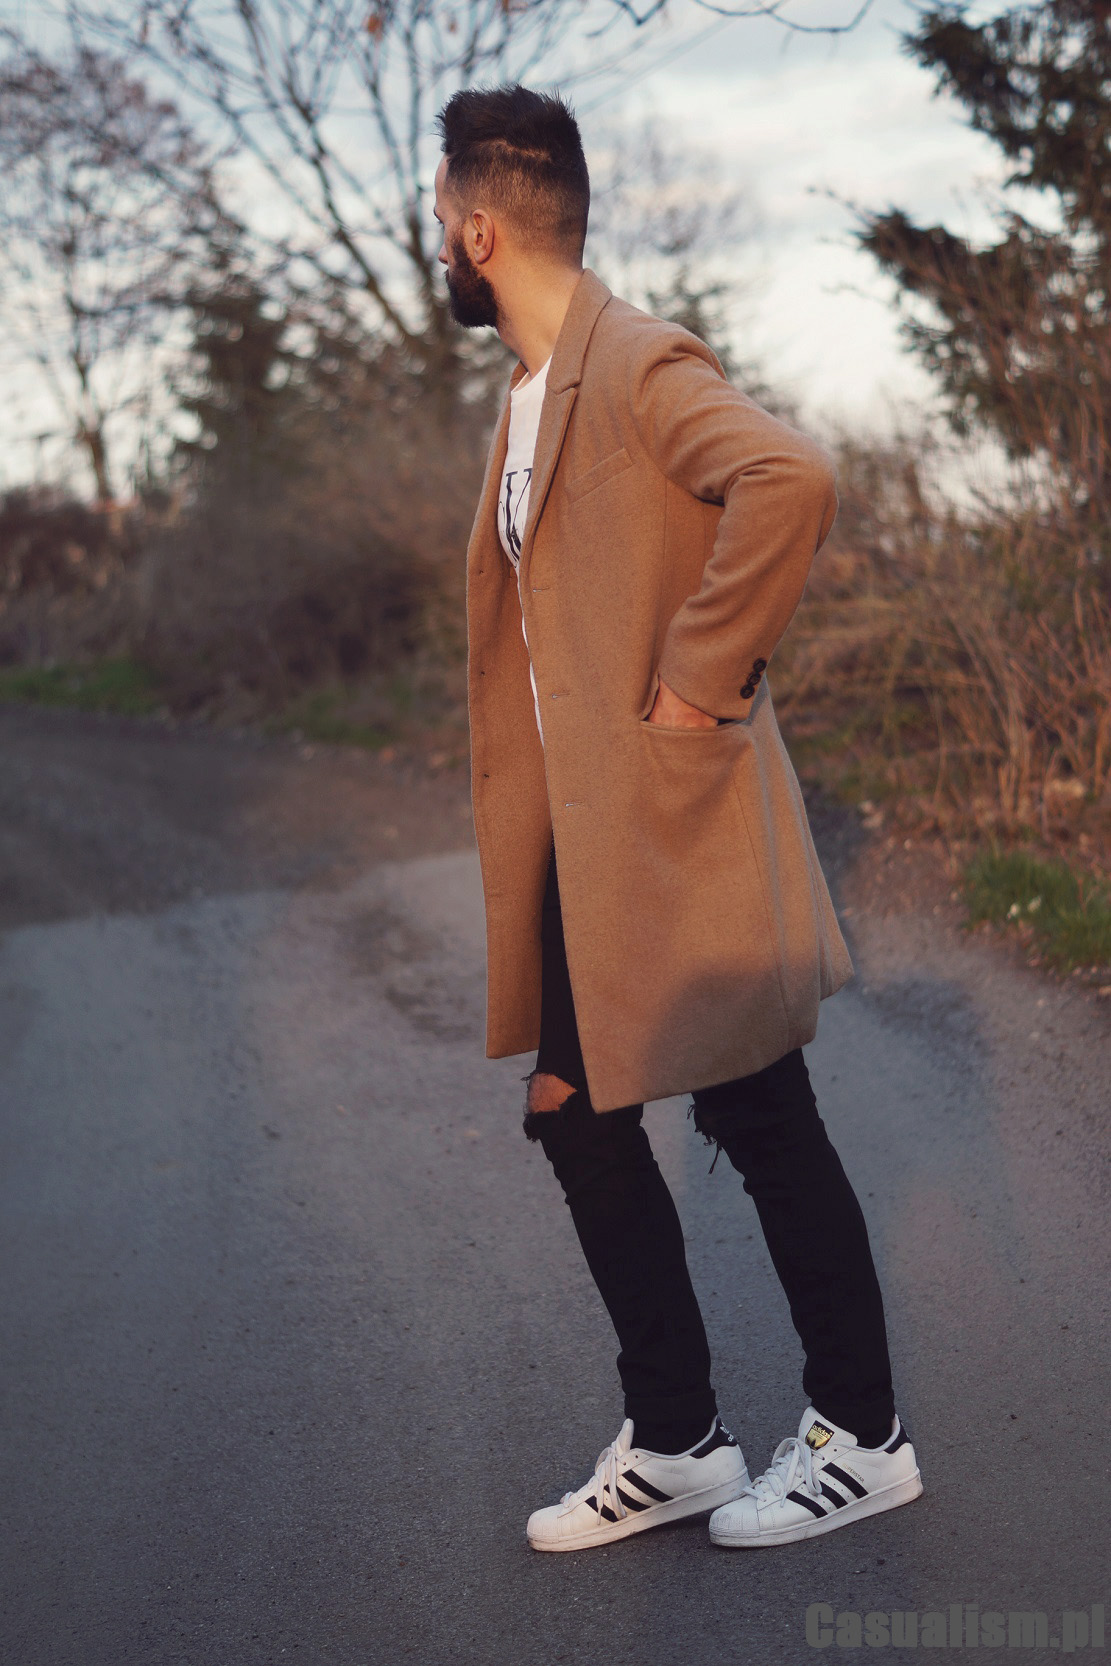 Piaskowy płaszcz na wiosnę, beżowy płaszcz męski. Męski płaszcz camel, płaszcz camelowy męski.